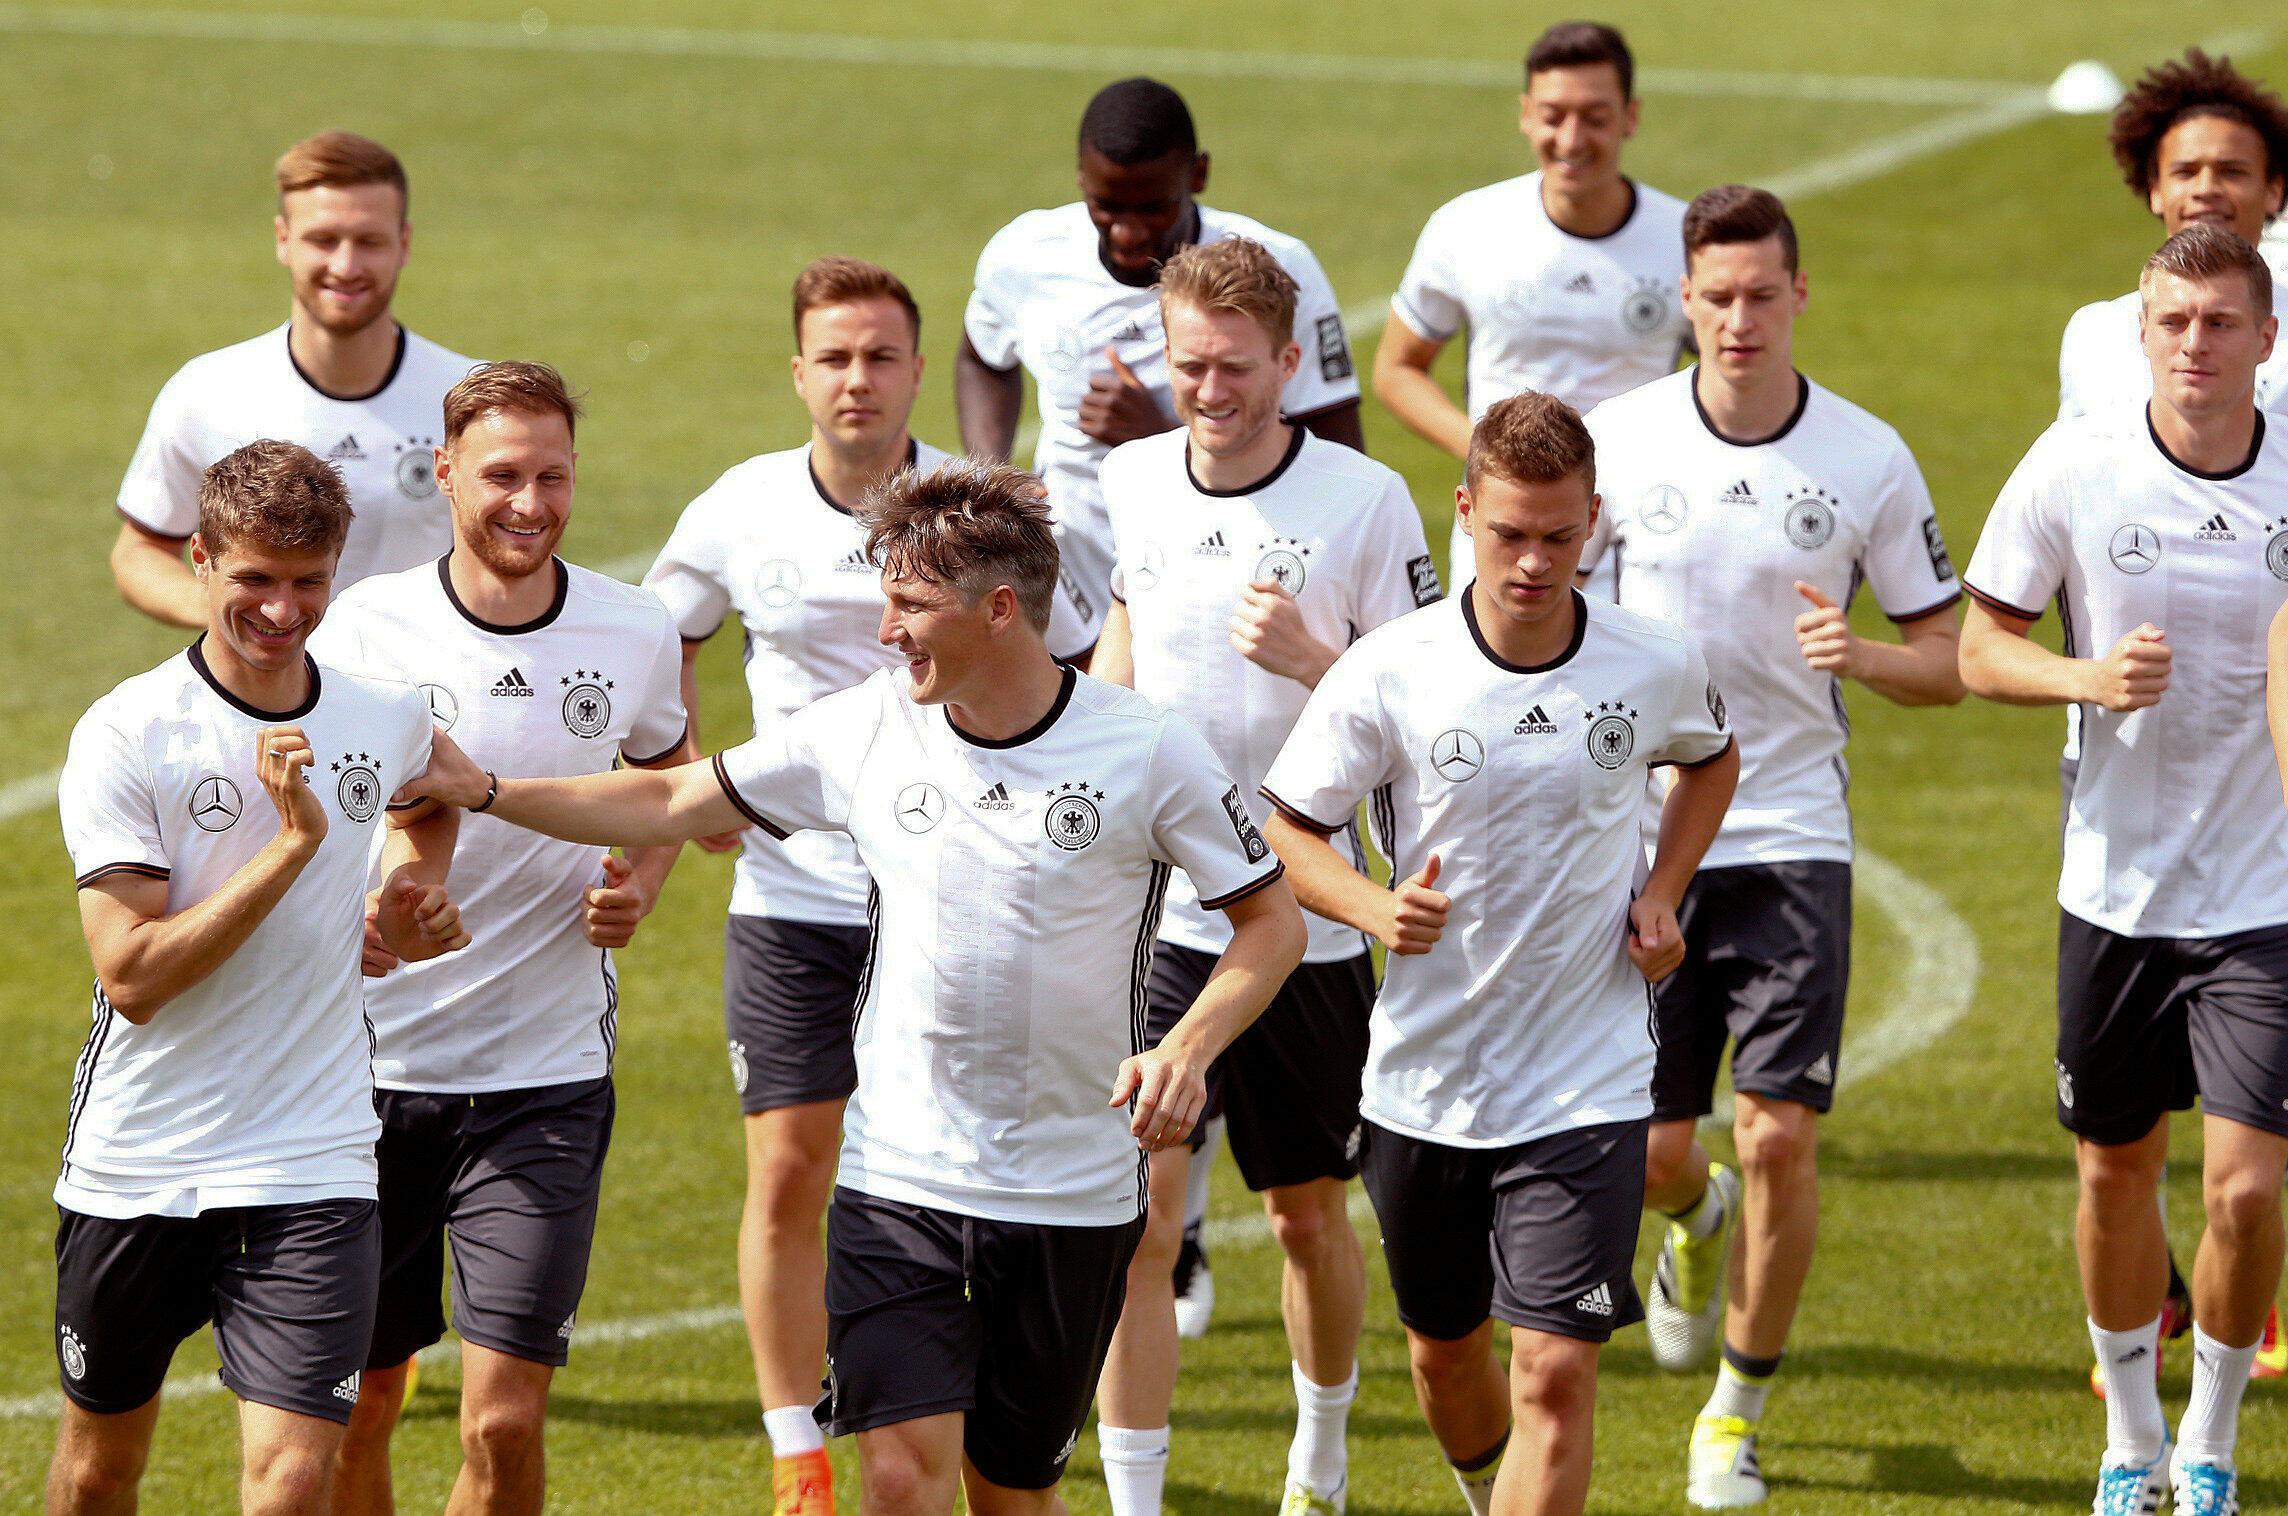 Đội hình đương kim vô địch thế giới Đức đến Pháp hy vọng chinh phục ngôi vô địch châu Âu 2016.